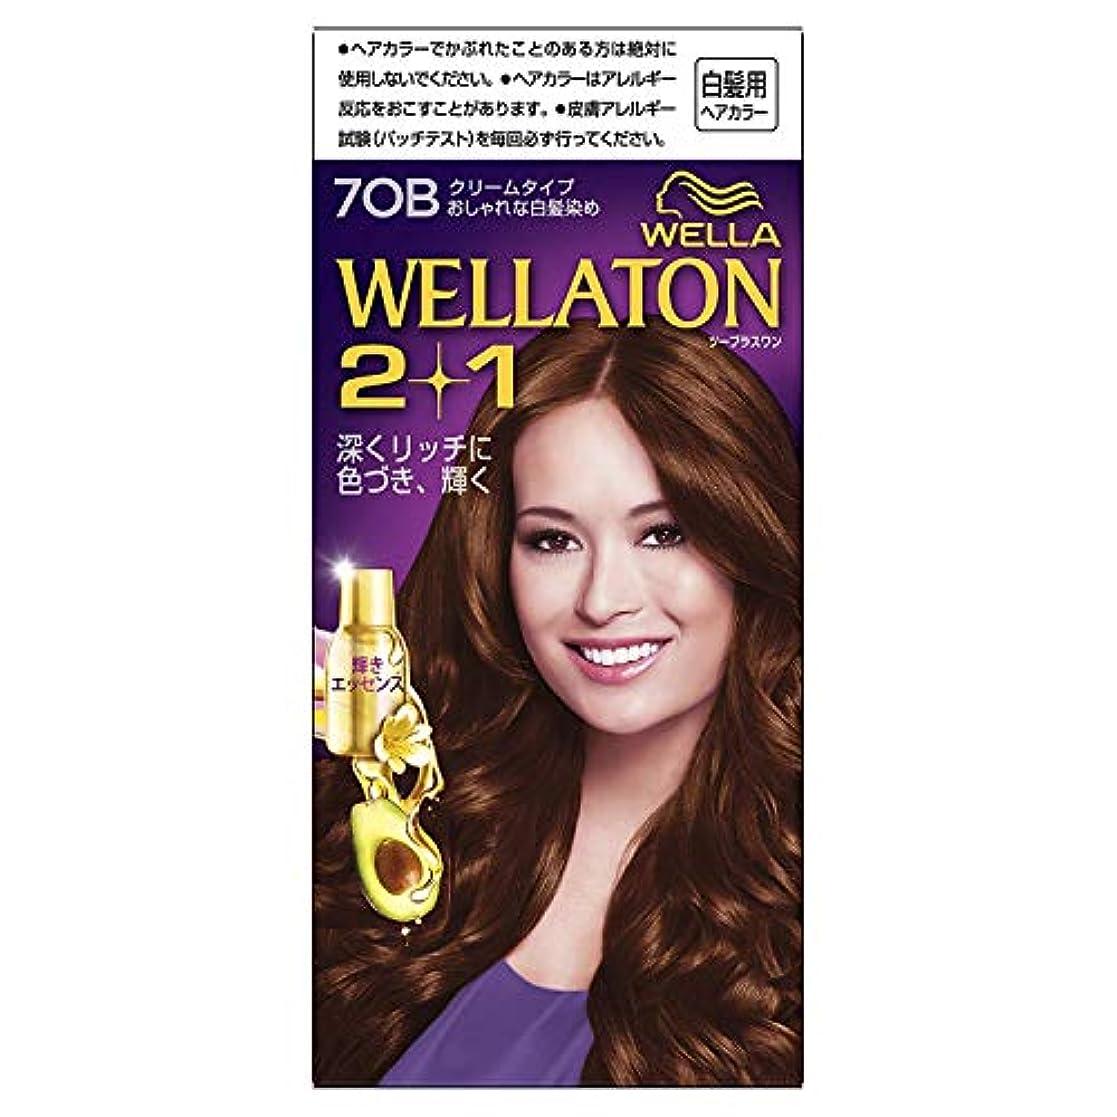 ファンシーパーセント異常なウエラトーン2+1 白髪染め クリームタイプ 7OB [医薬部外品] ×6個